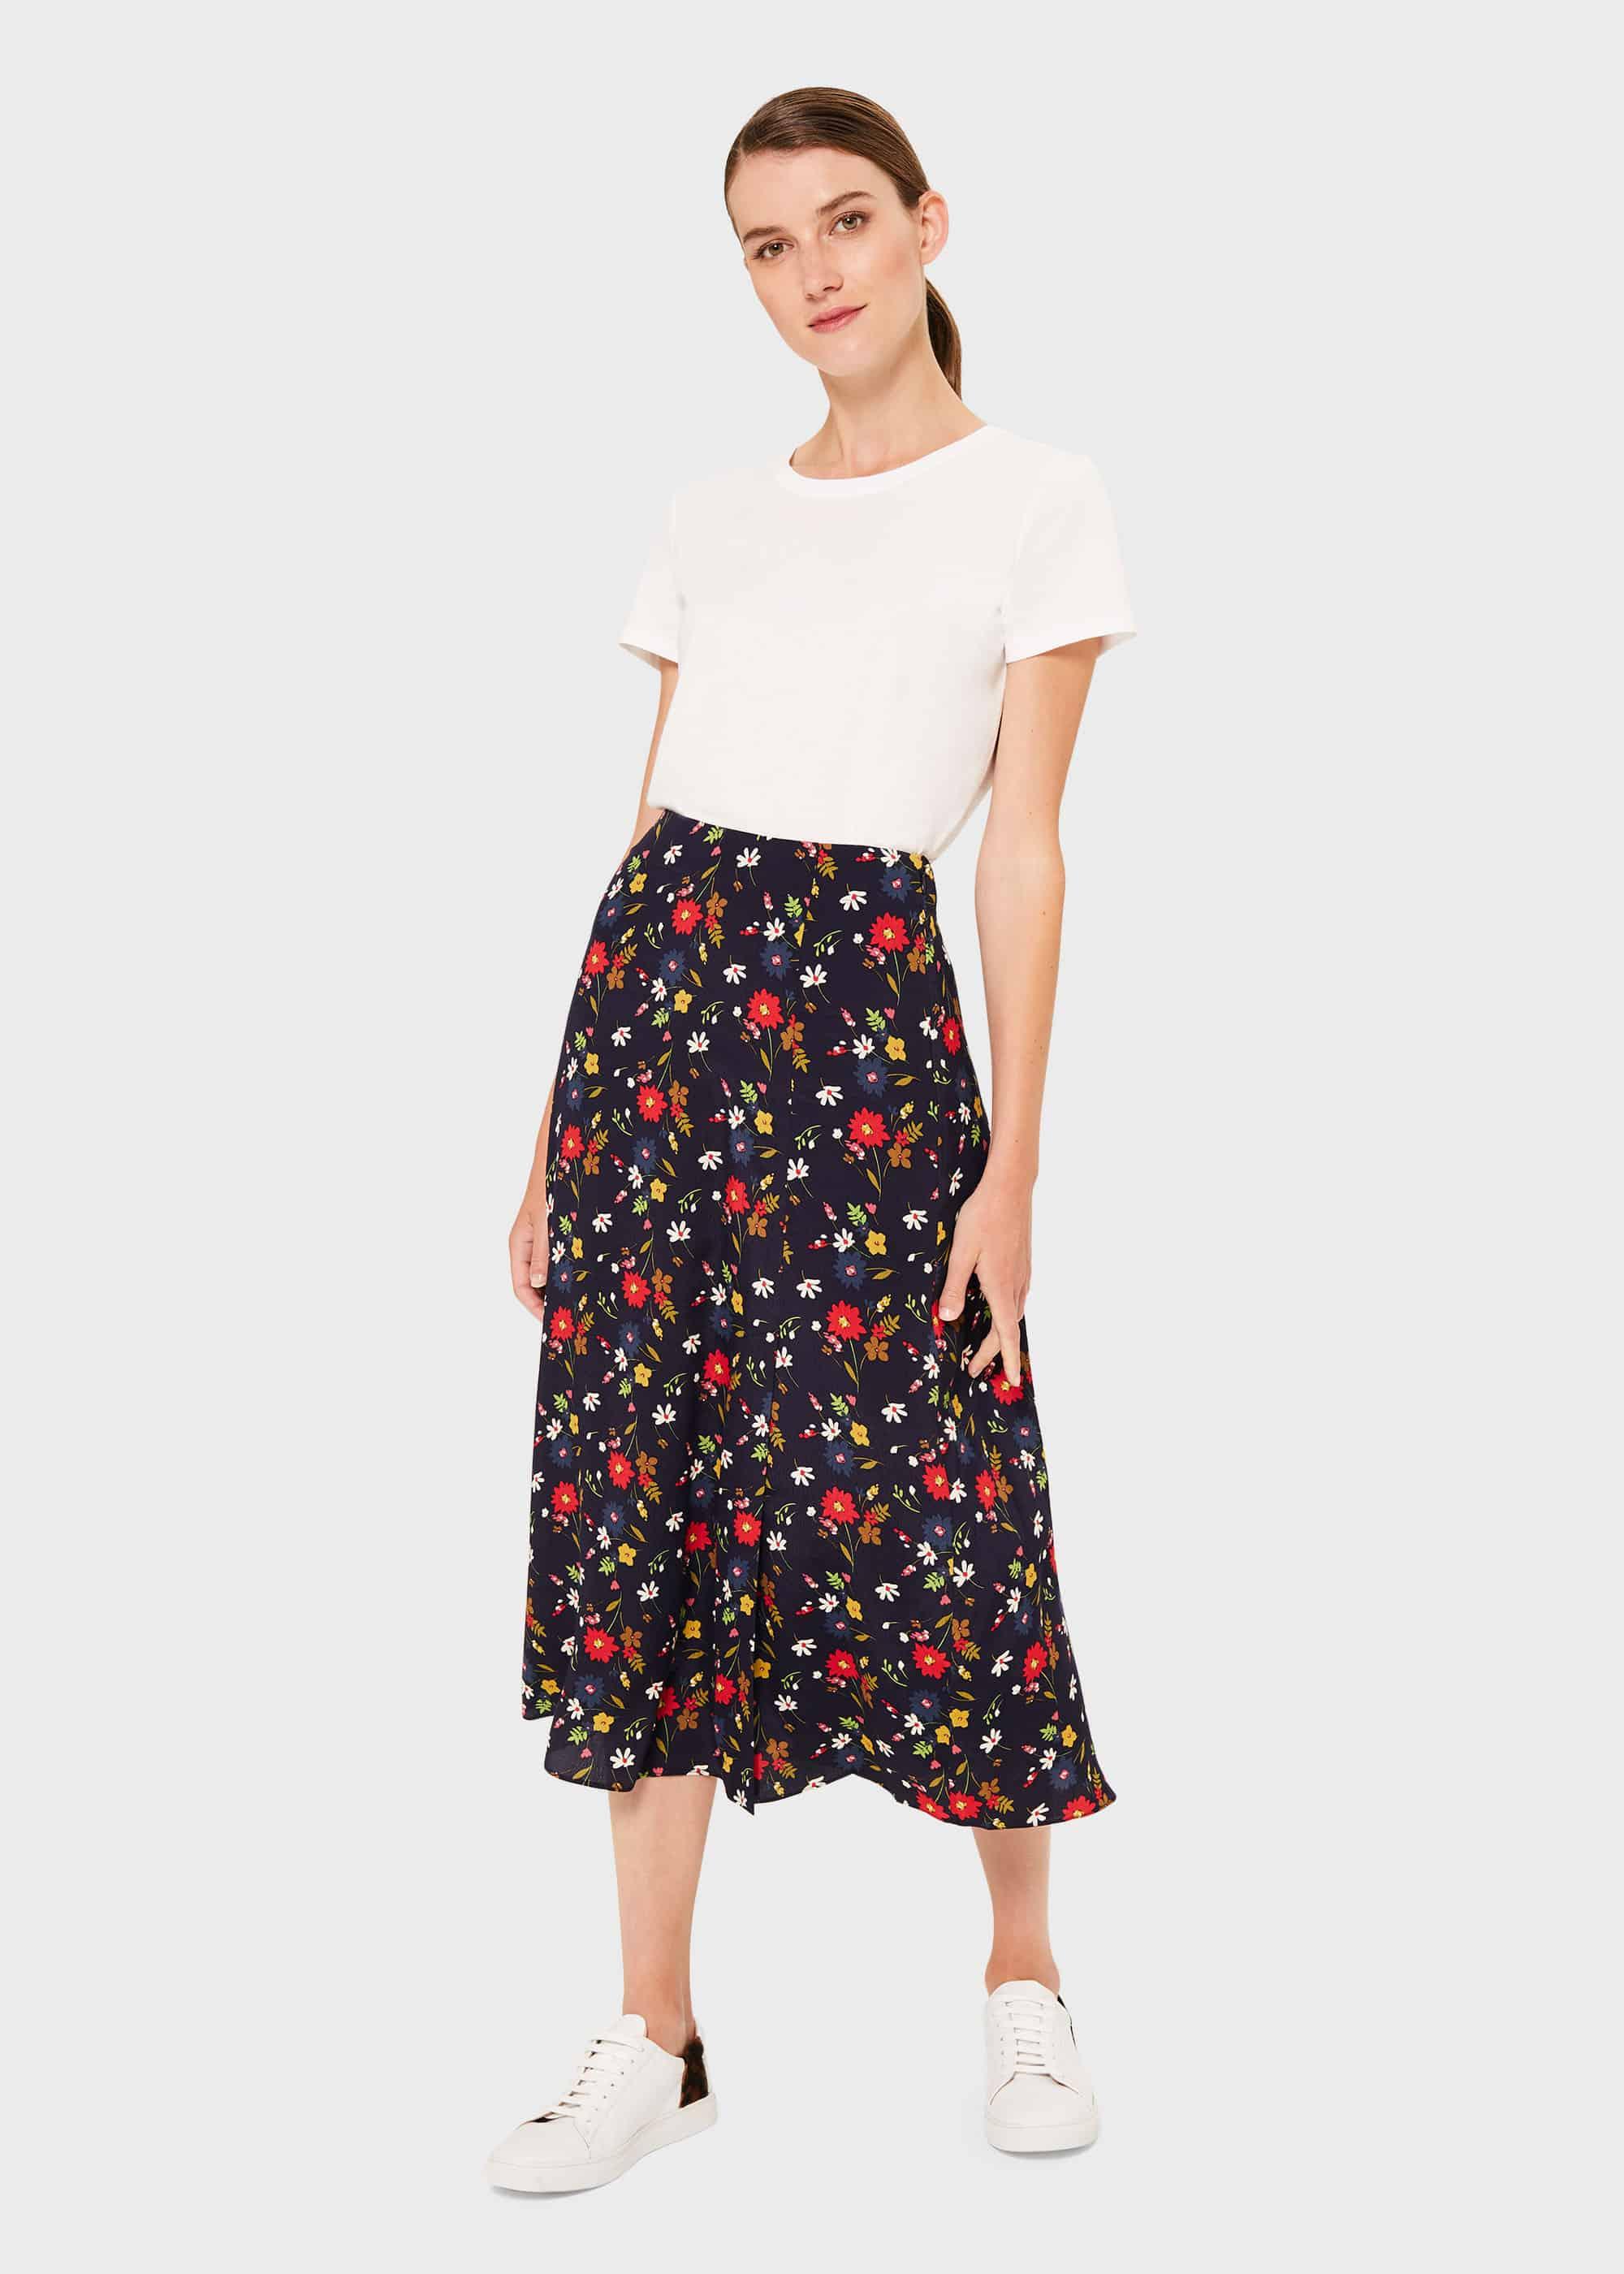 Hobbs Women Annette Floral Midi Skirt